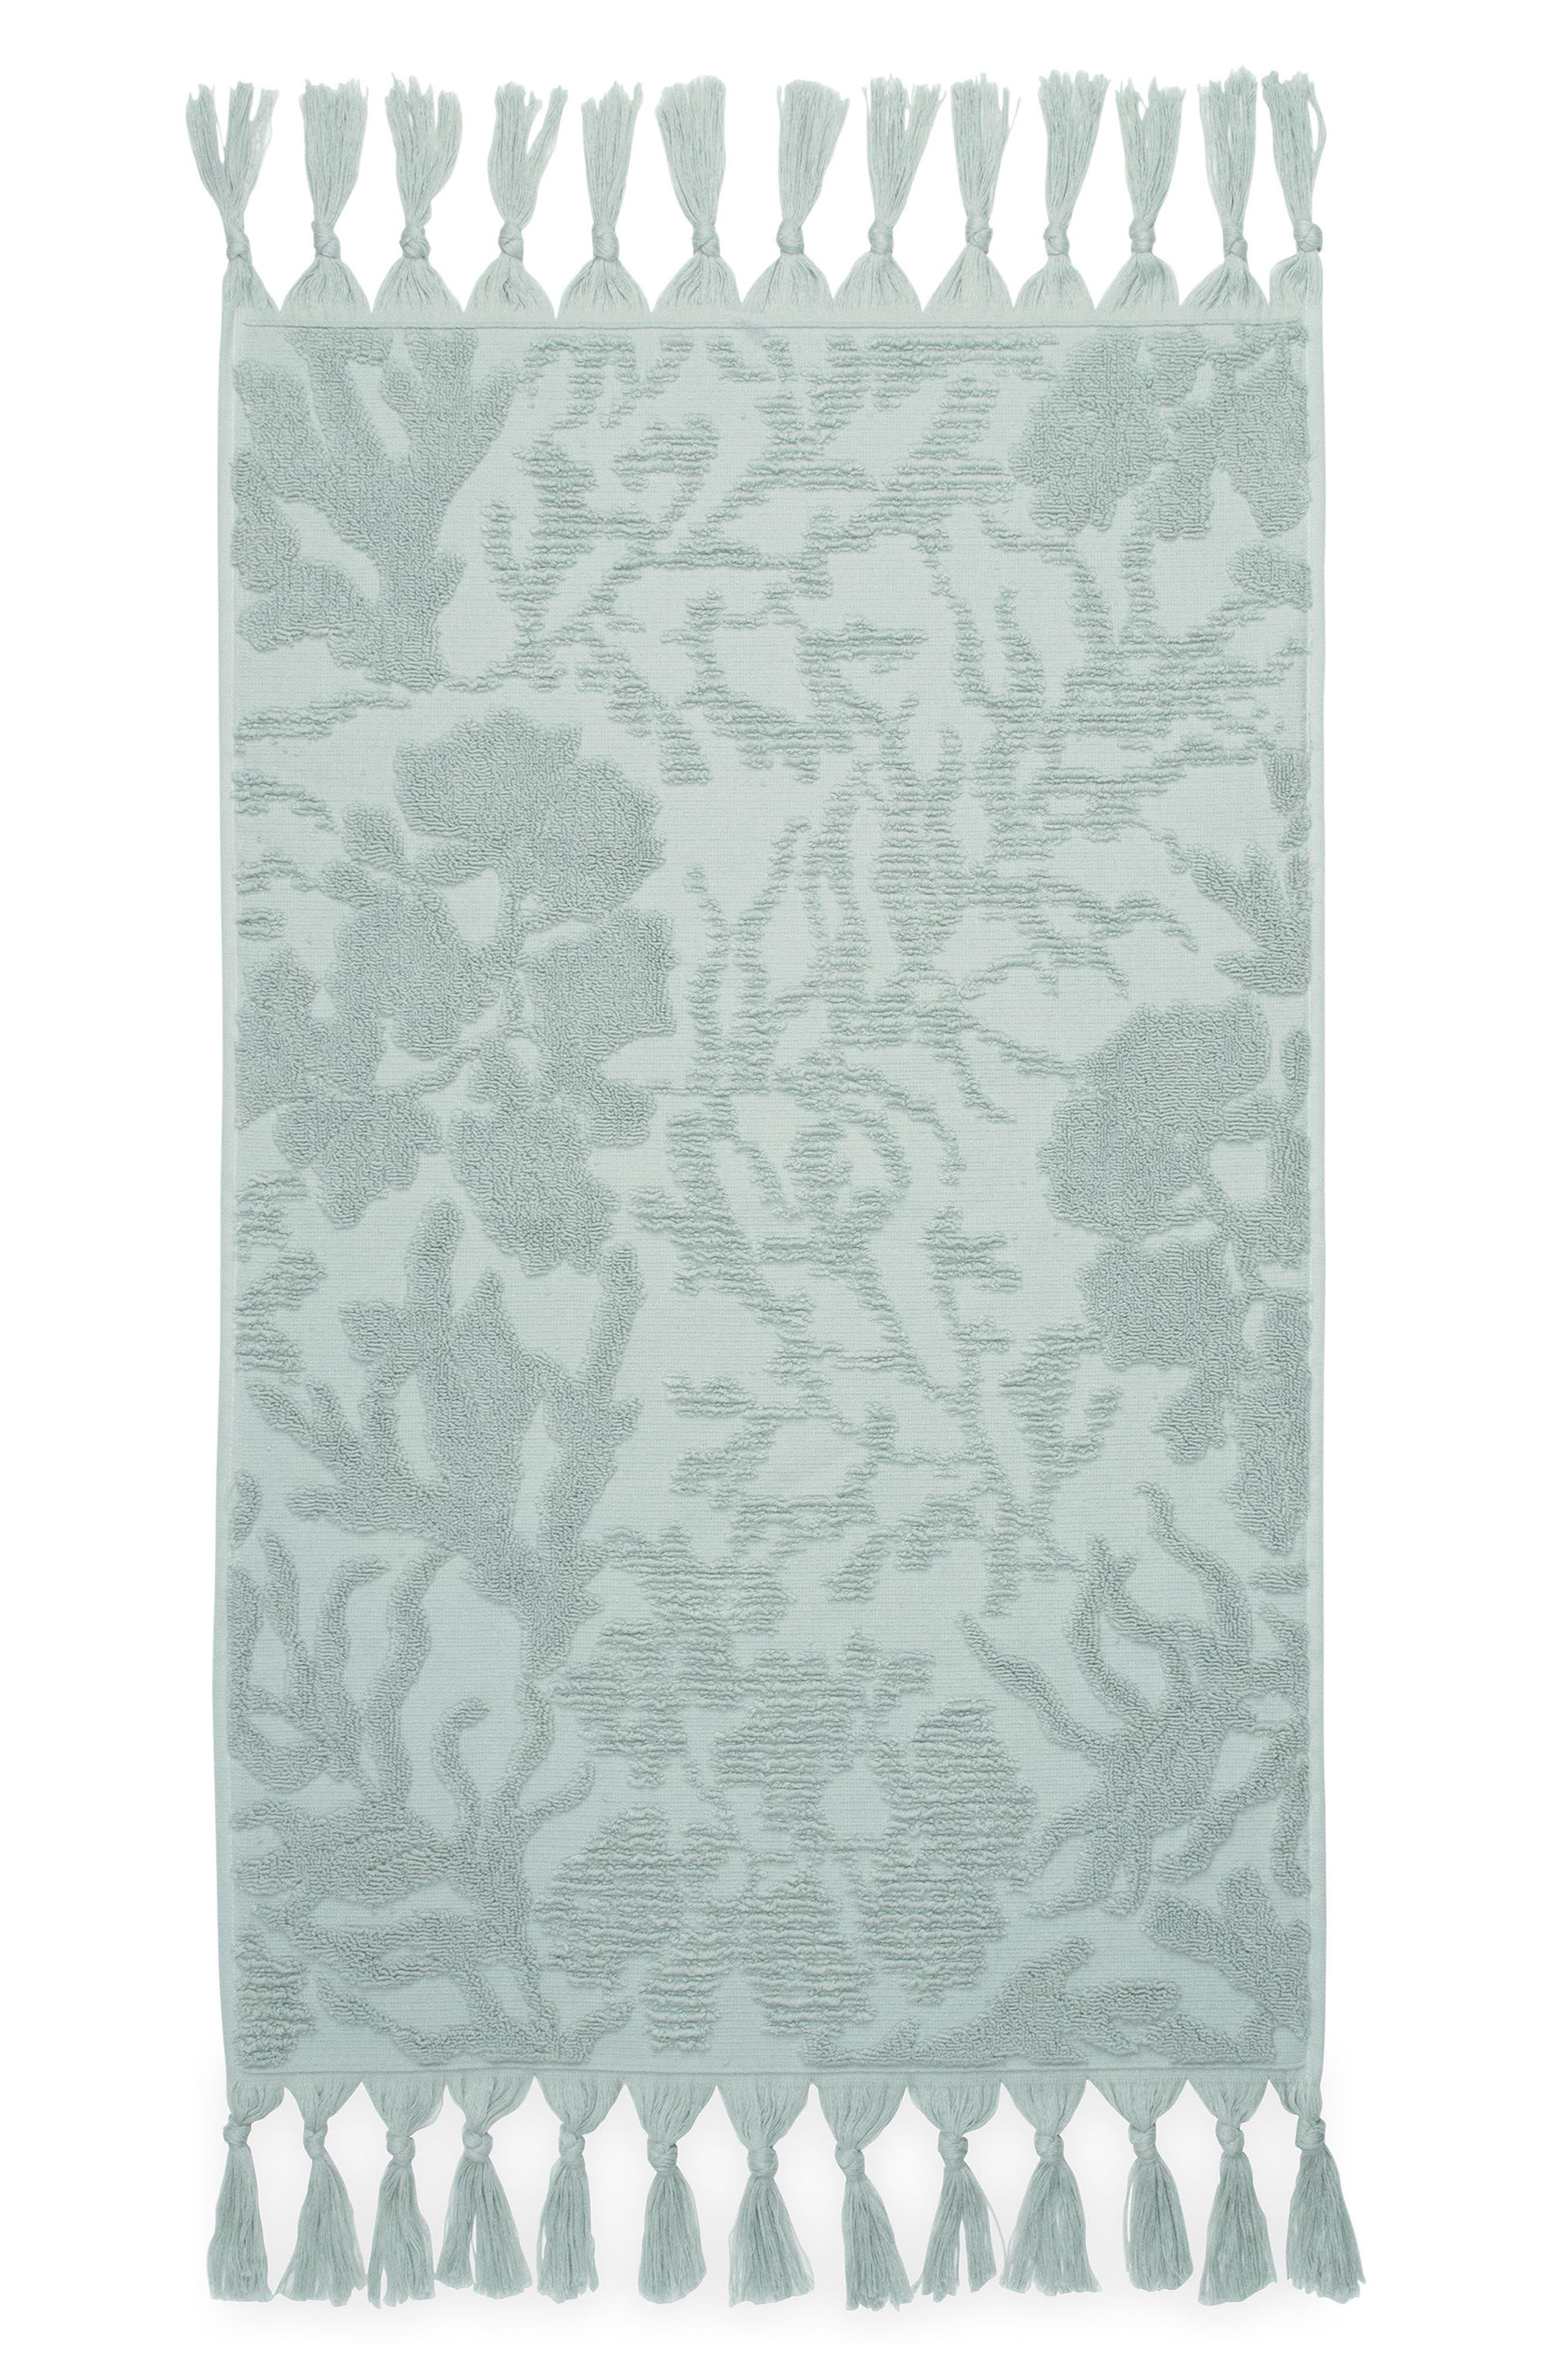 MICHAEL ARAM Ocean Reef Hand Towel, Main, color, SEAFOAM